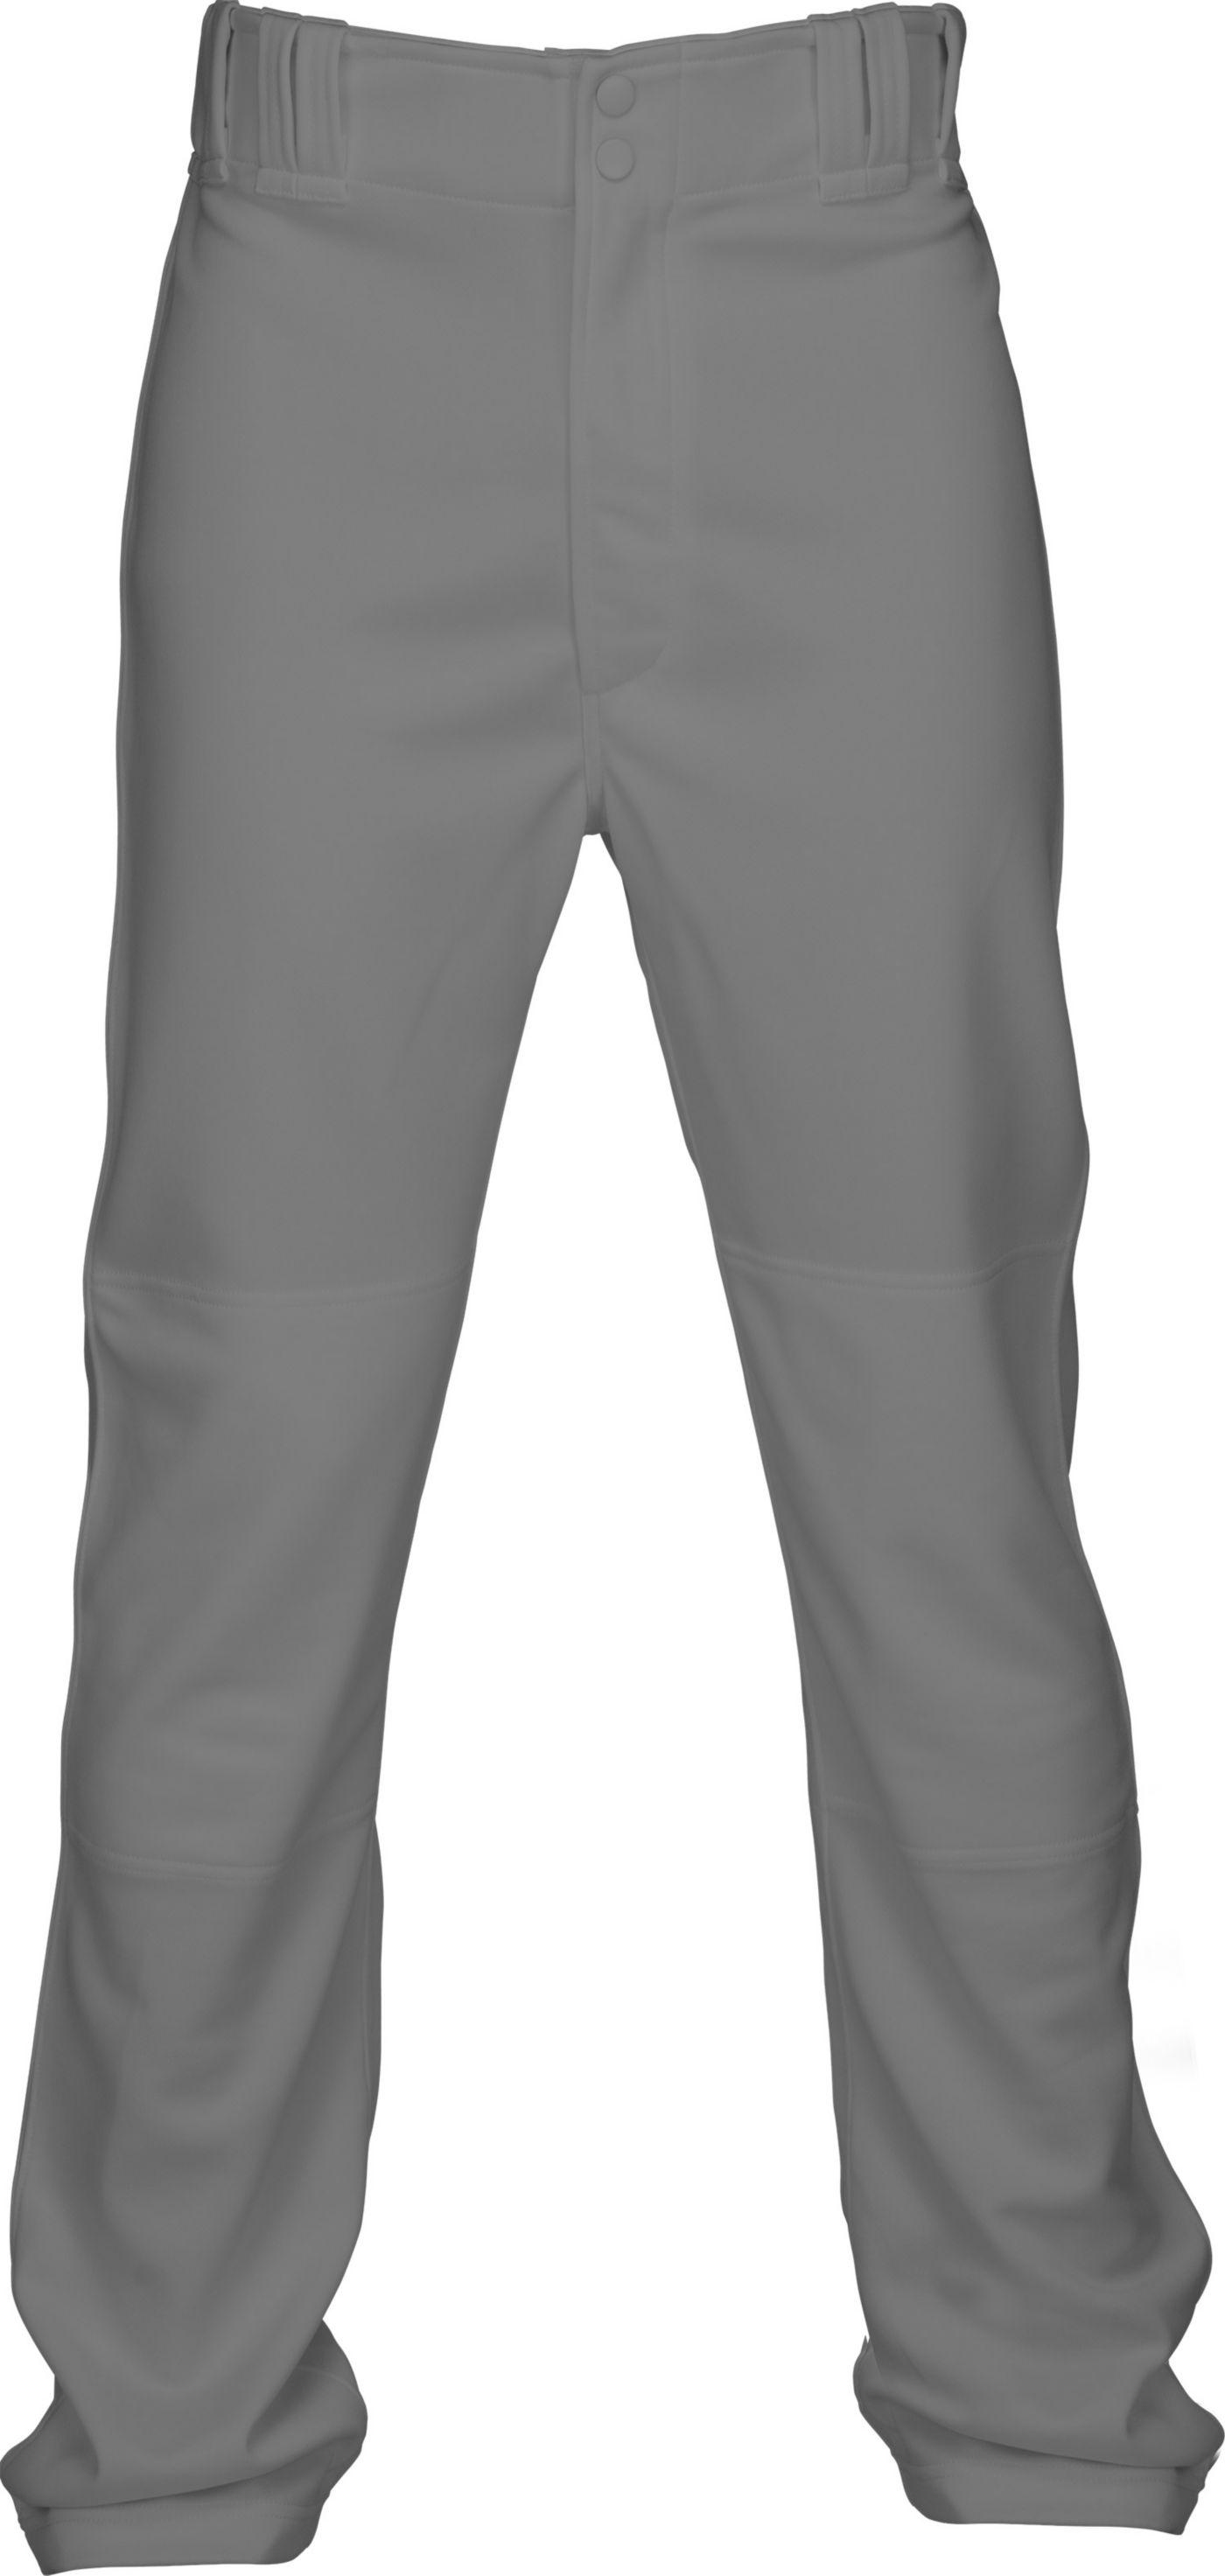 Marucci Men's Elite Baseball Pants